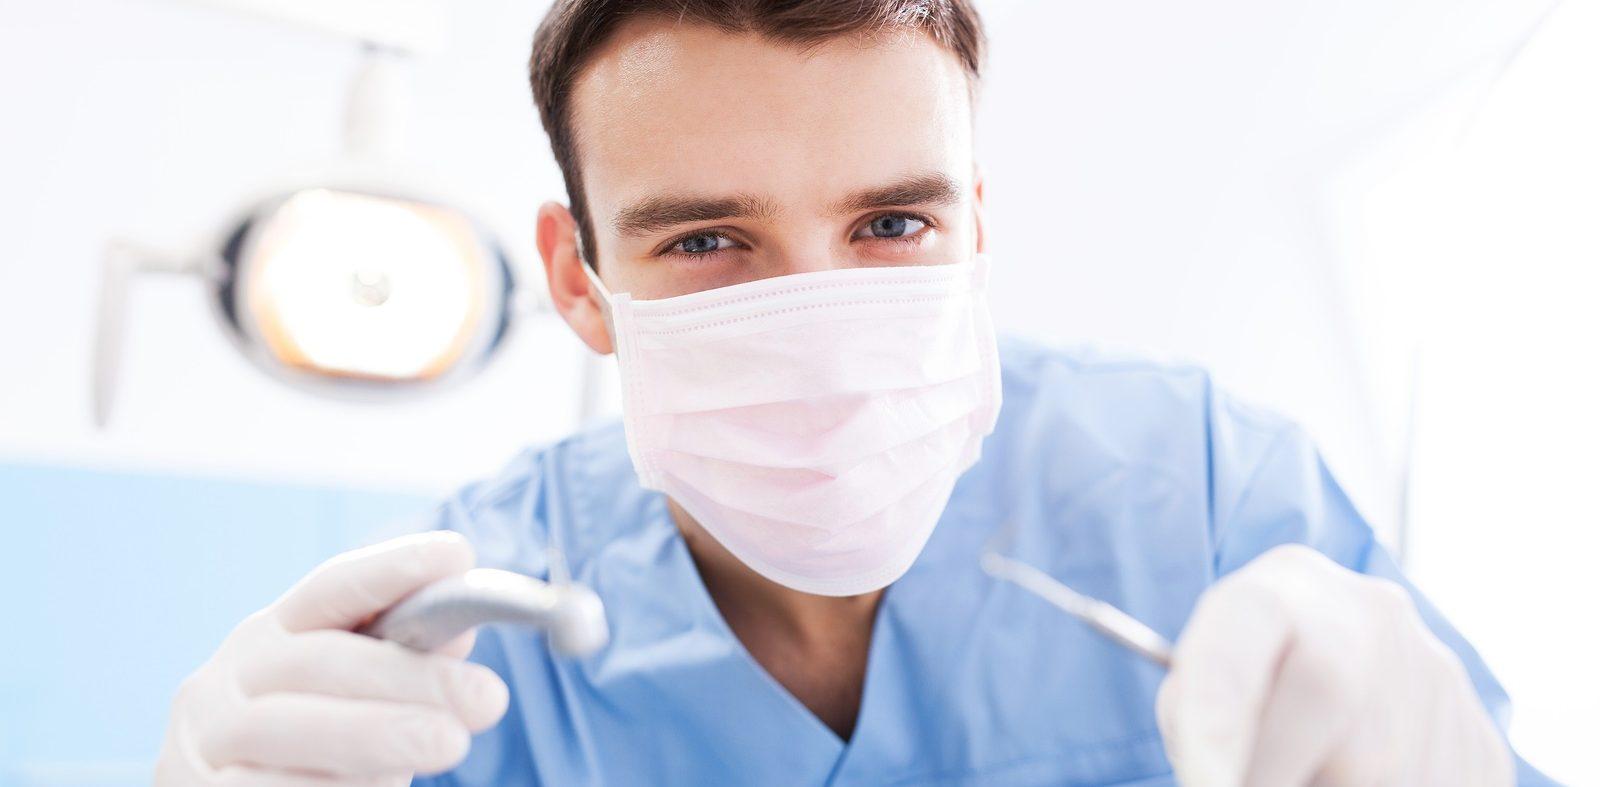 Peur du dentiste ... comment vaincre?